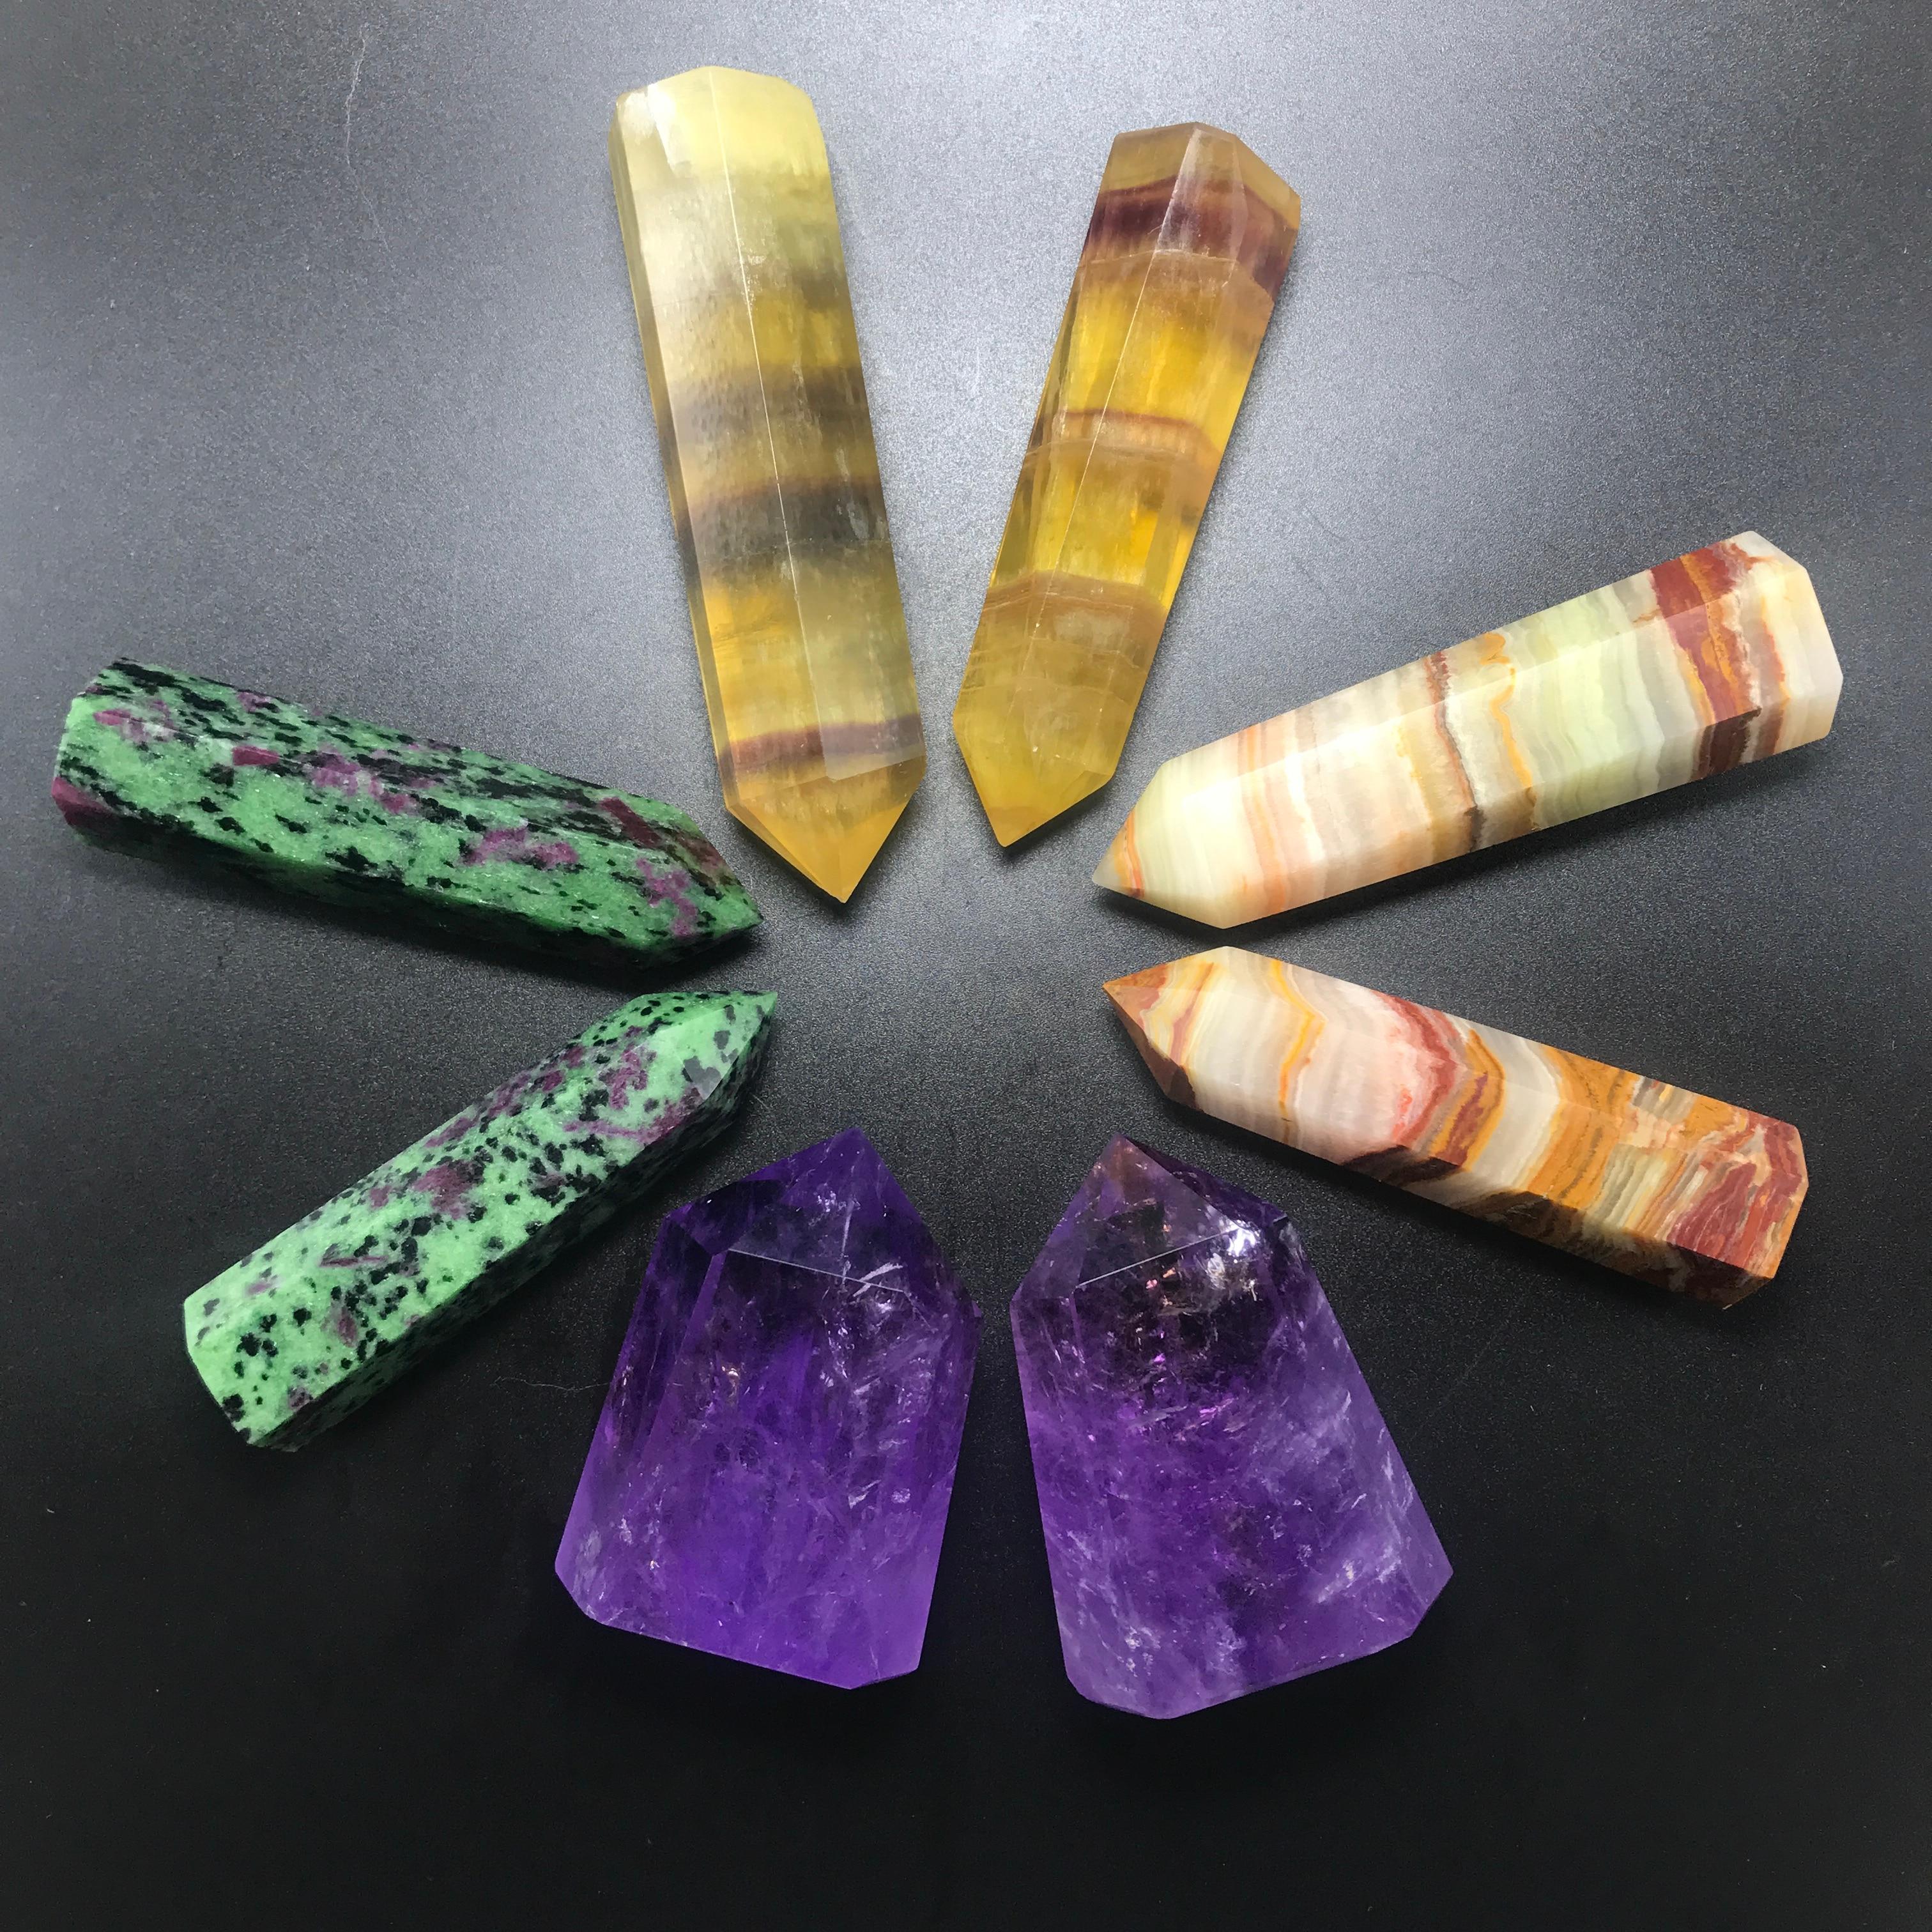 8 Pièces Naturel pierres précieuses uniques baguette collectionneurs pack dénergie En Cristal de quartz améthyste Lafghanistan jade citrine fluorite rubis Points